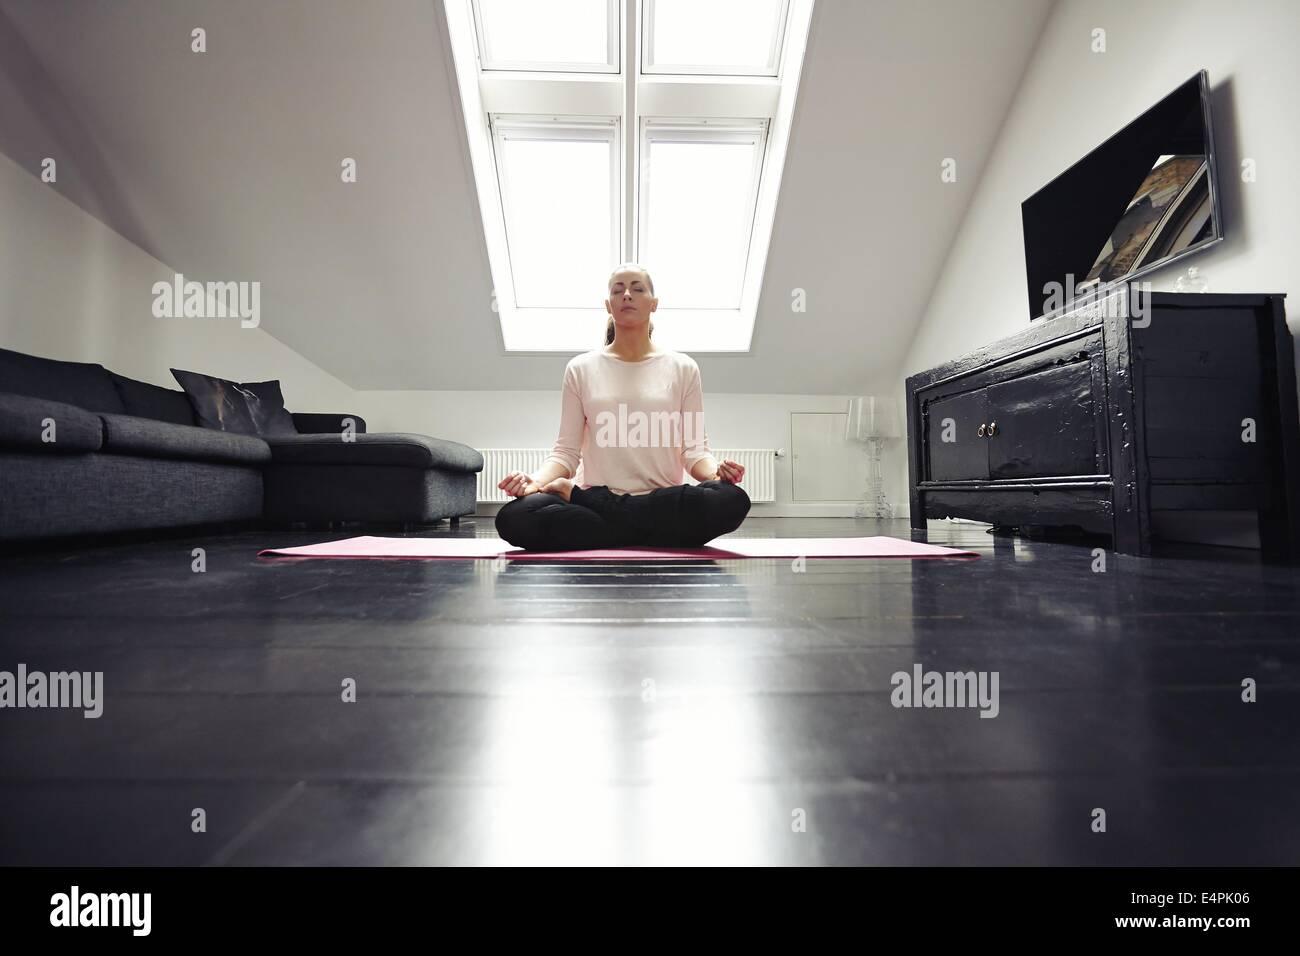 Porträt der gesunde junge Frau, die Ausübung von Yoga im Wohnzimmer. Fitness-Weibchen mit Yoga Meditation Stockbild